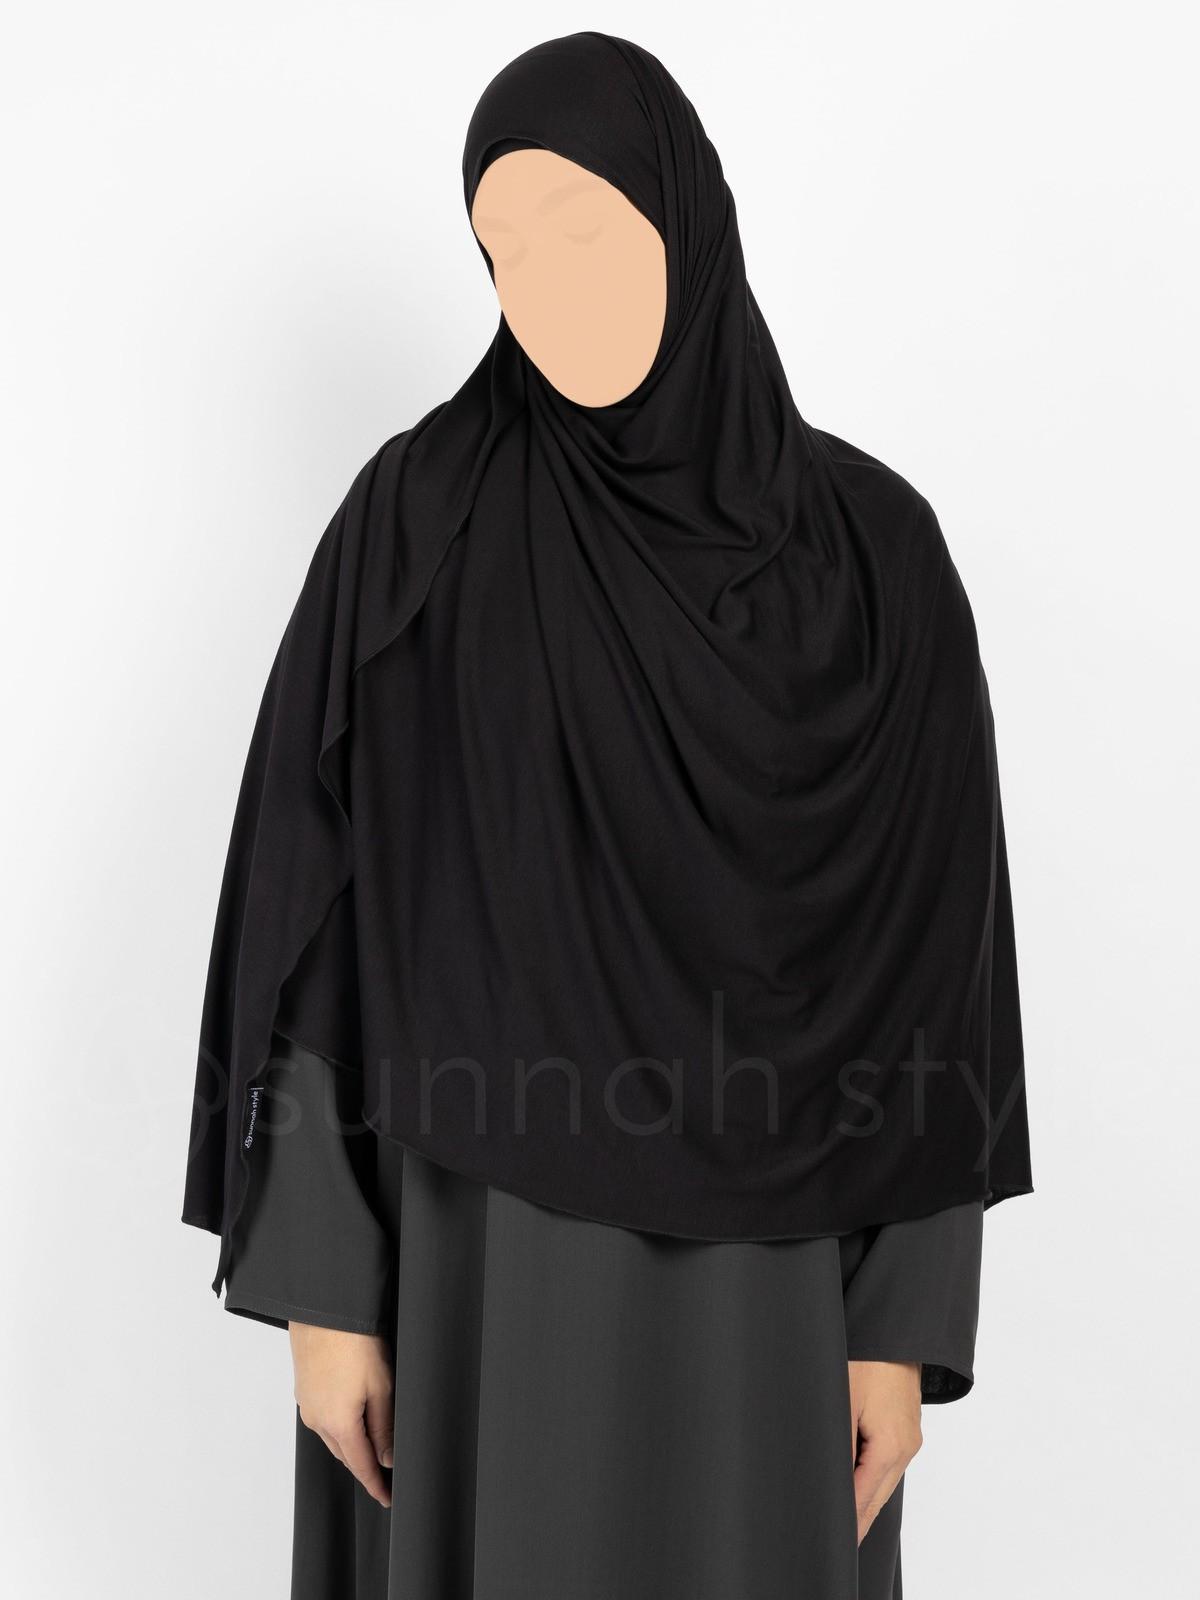 Sunnah Style - Urban Shayla (Soft Jersey) - XL (Black)